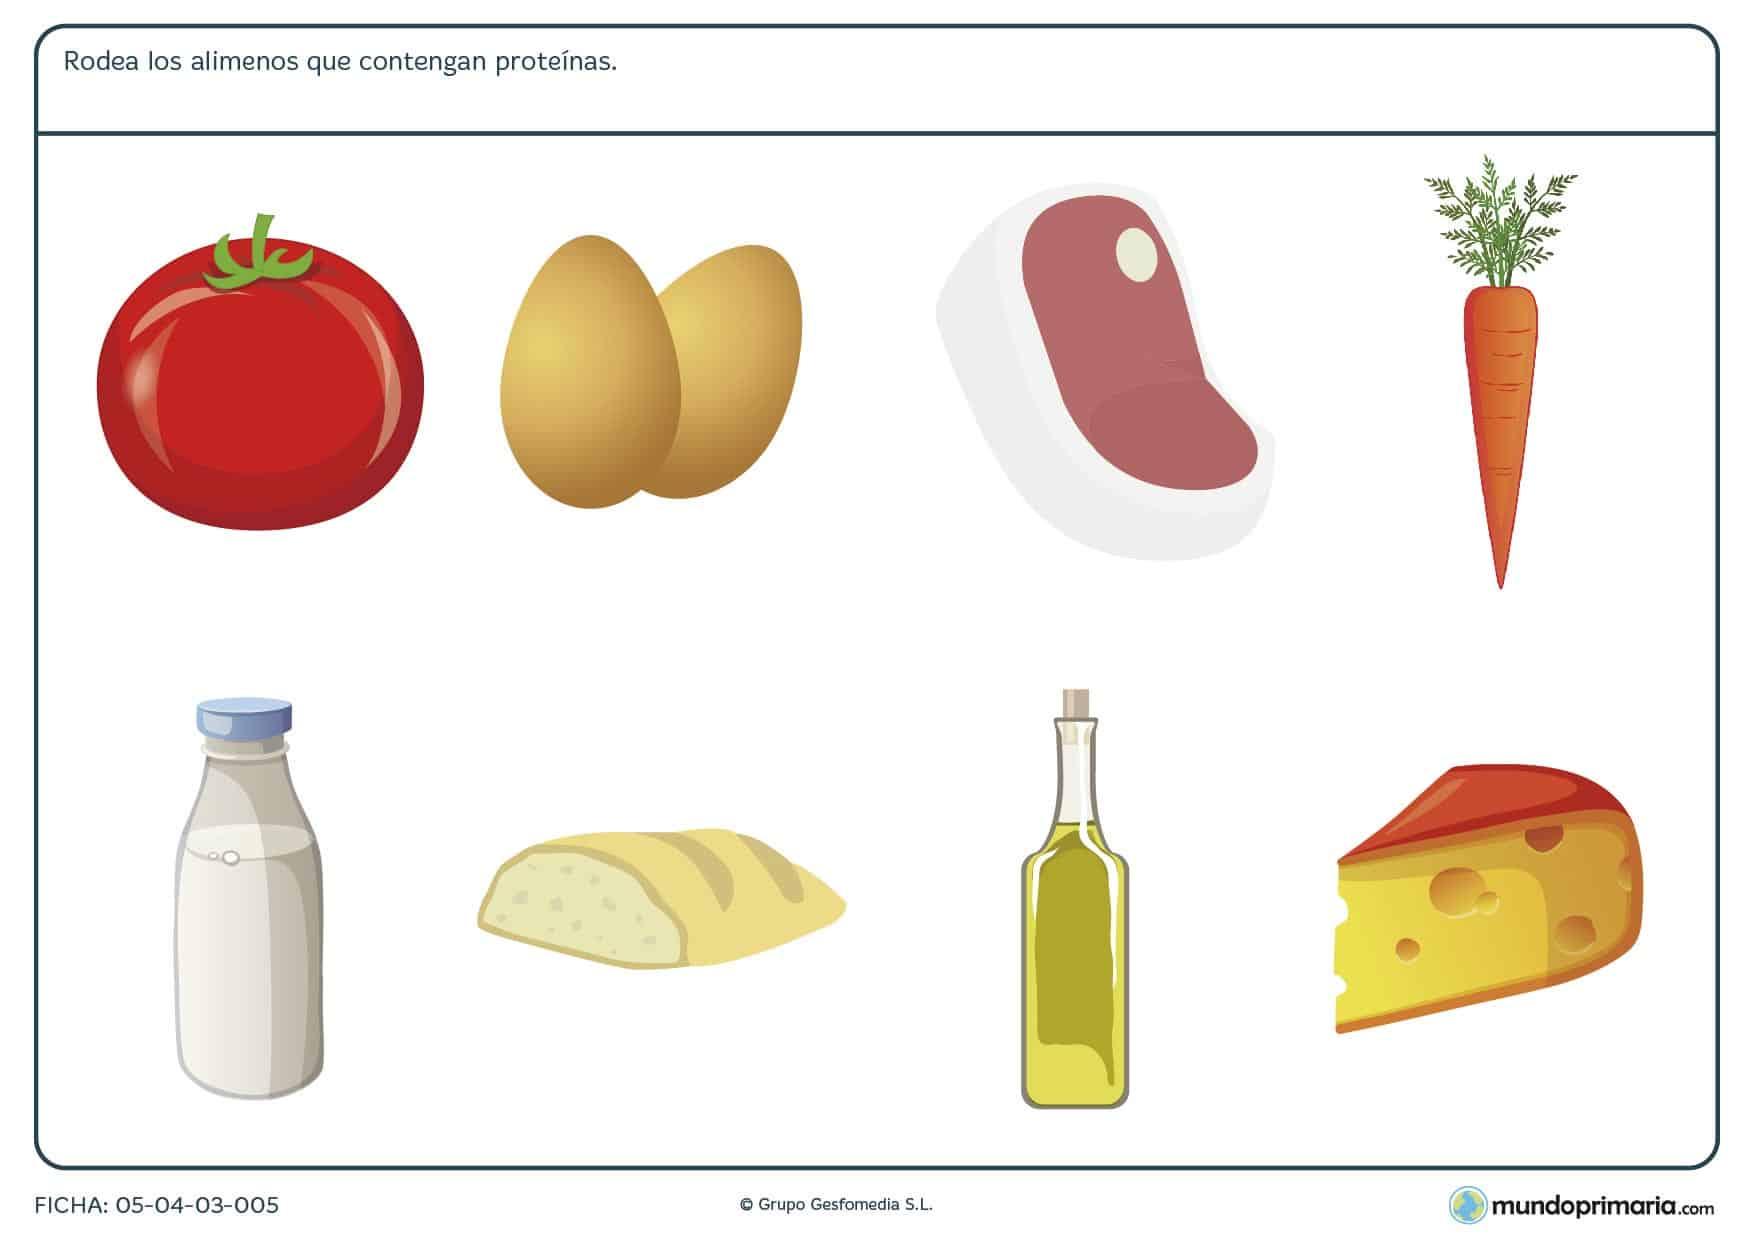 Ficha de los alimentos altos en proteínas en el que se tiene que rodear las ímagenes de los alimentos altos en proteínas.